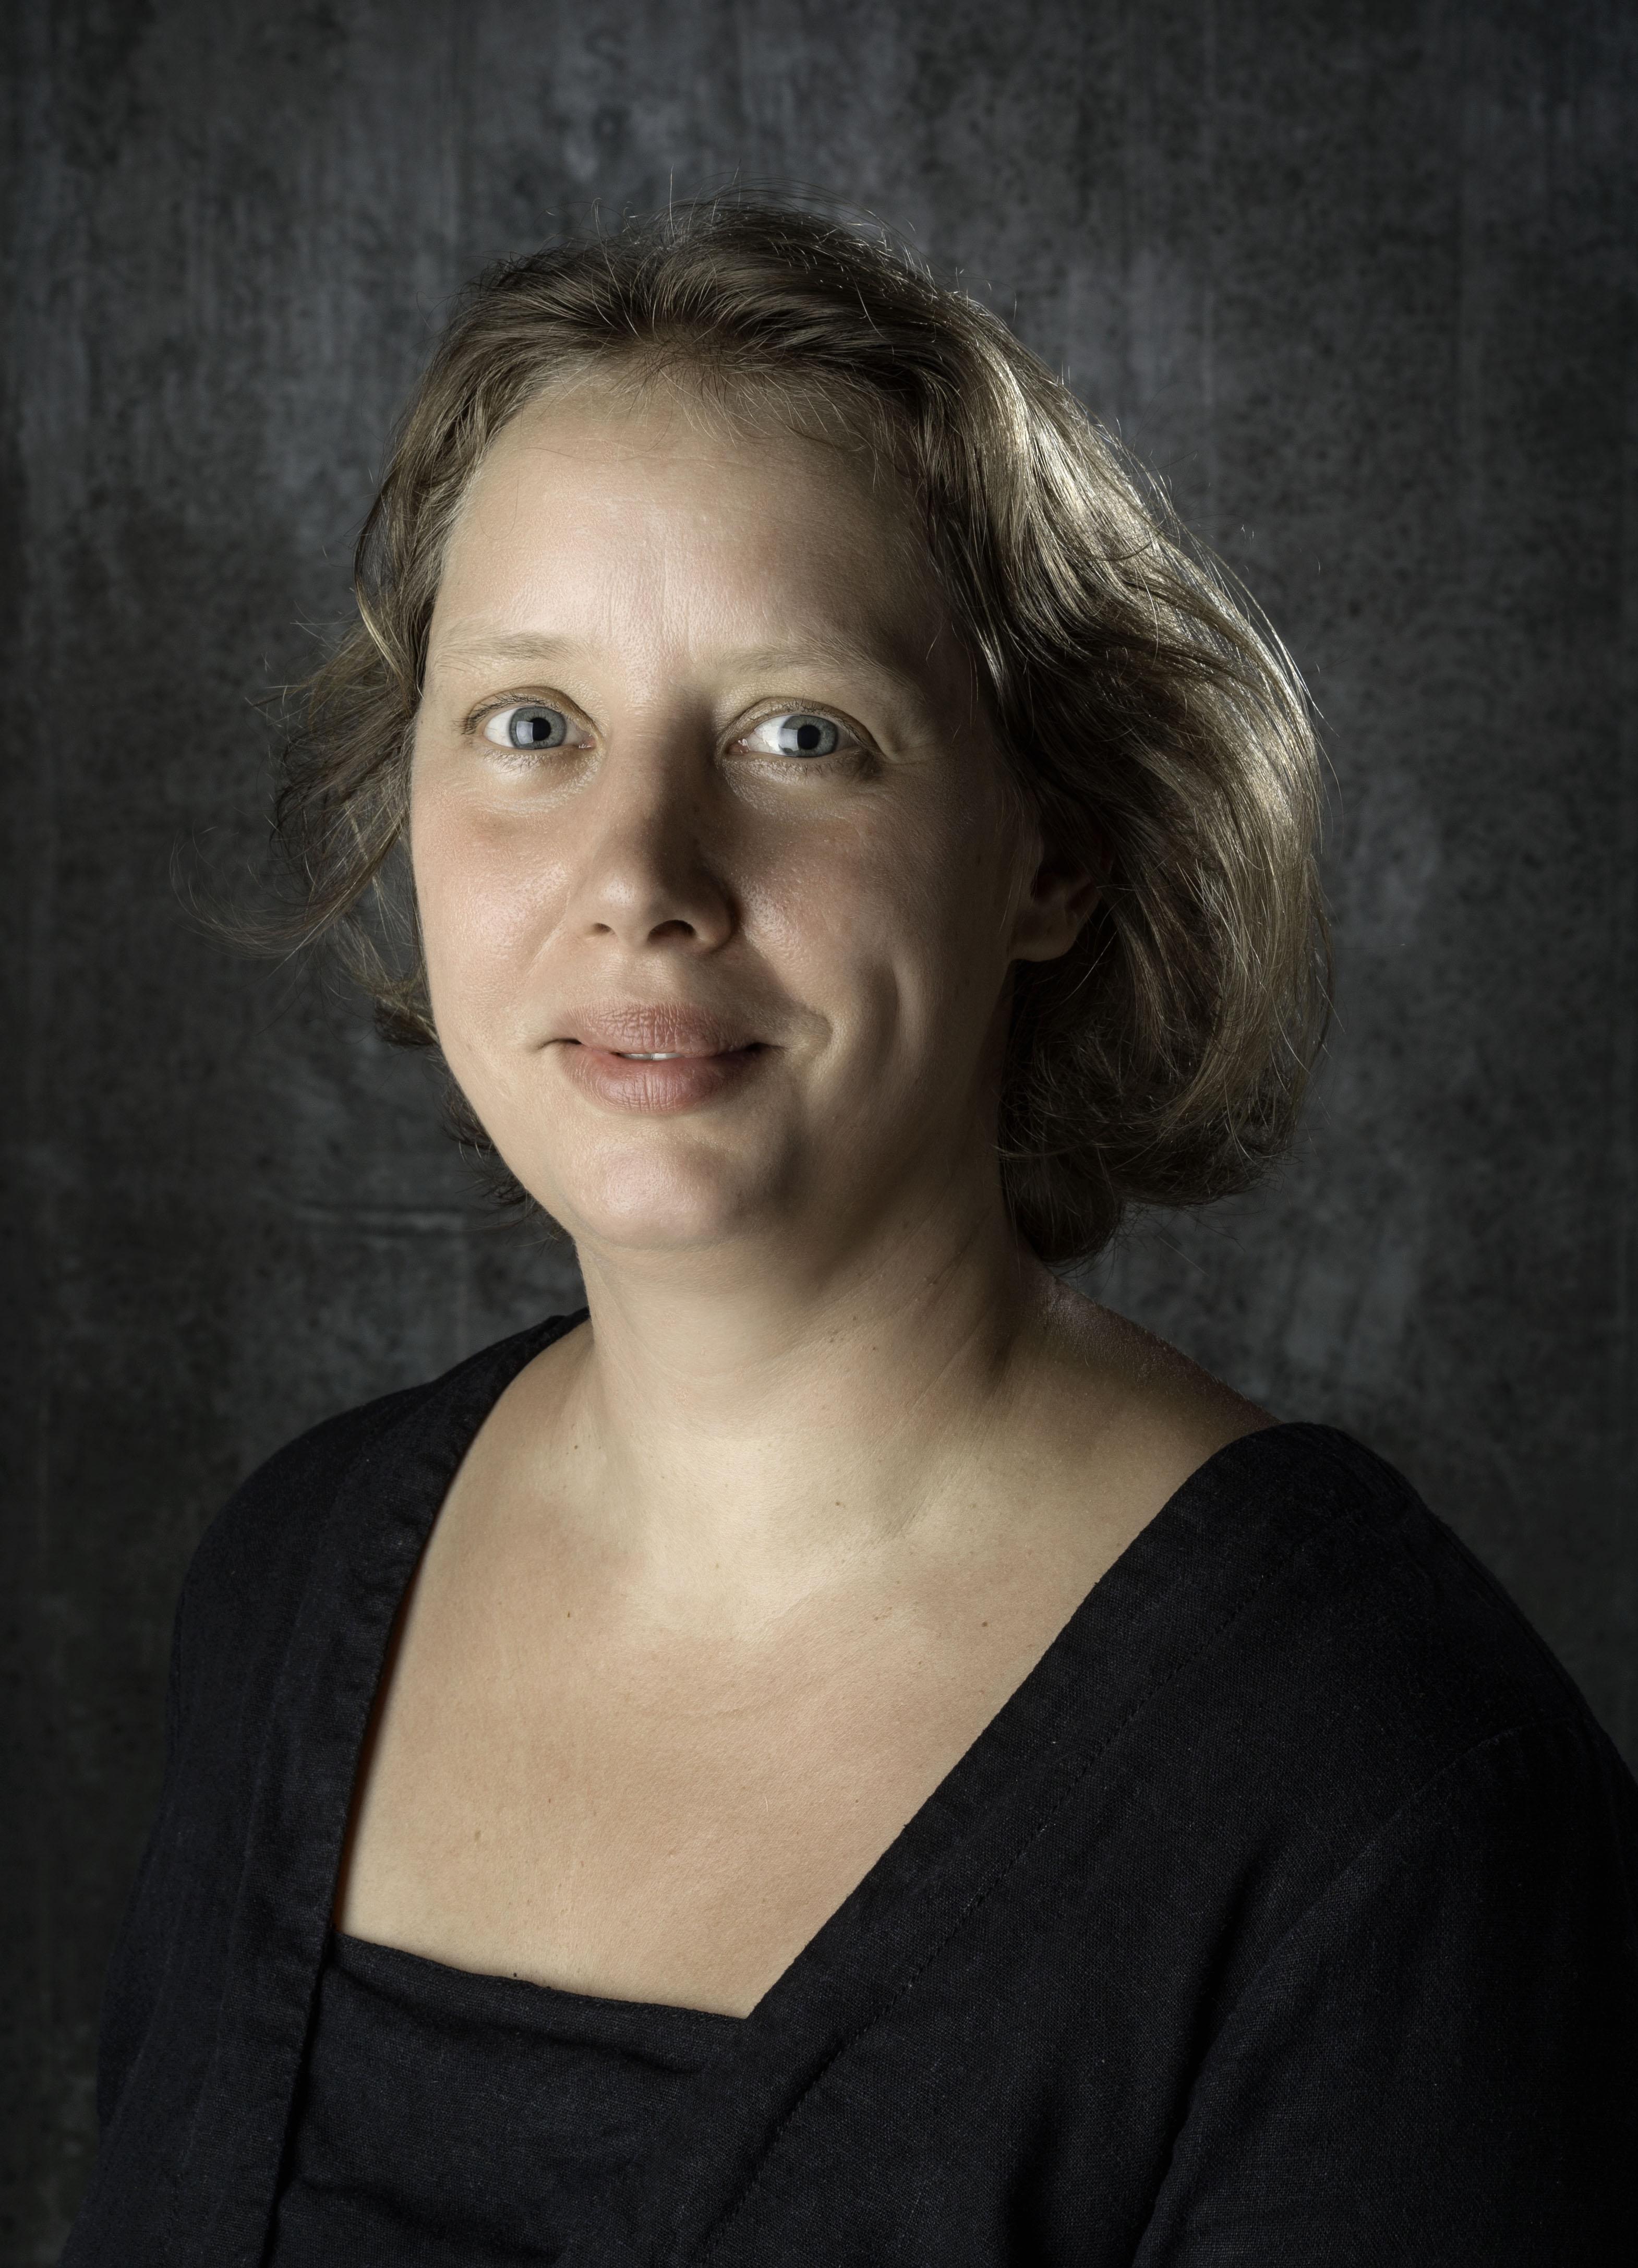 Heide Wrobel Nørgaard